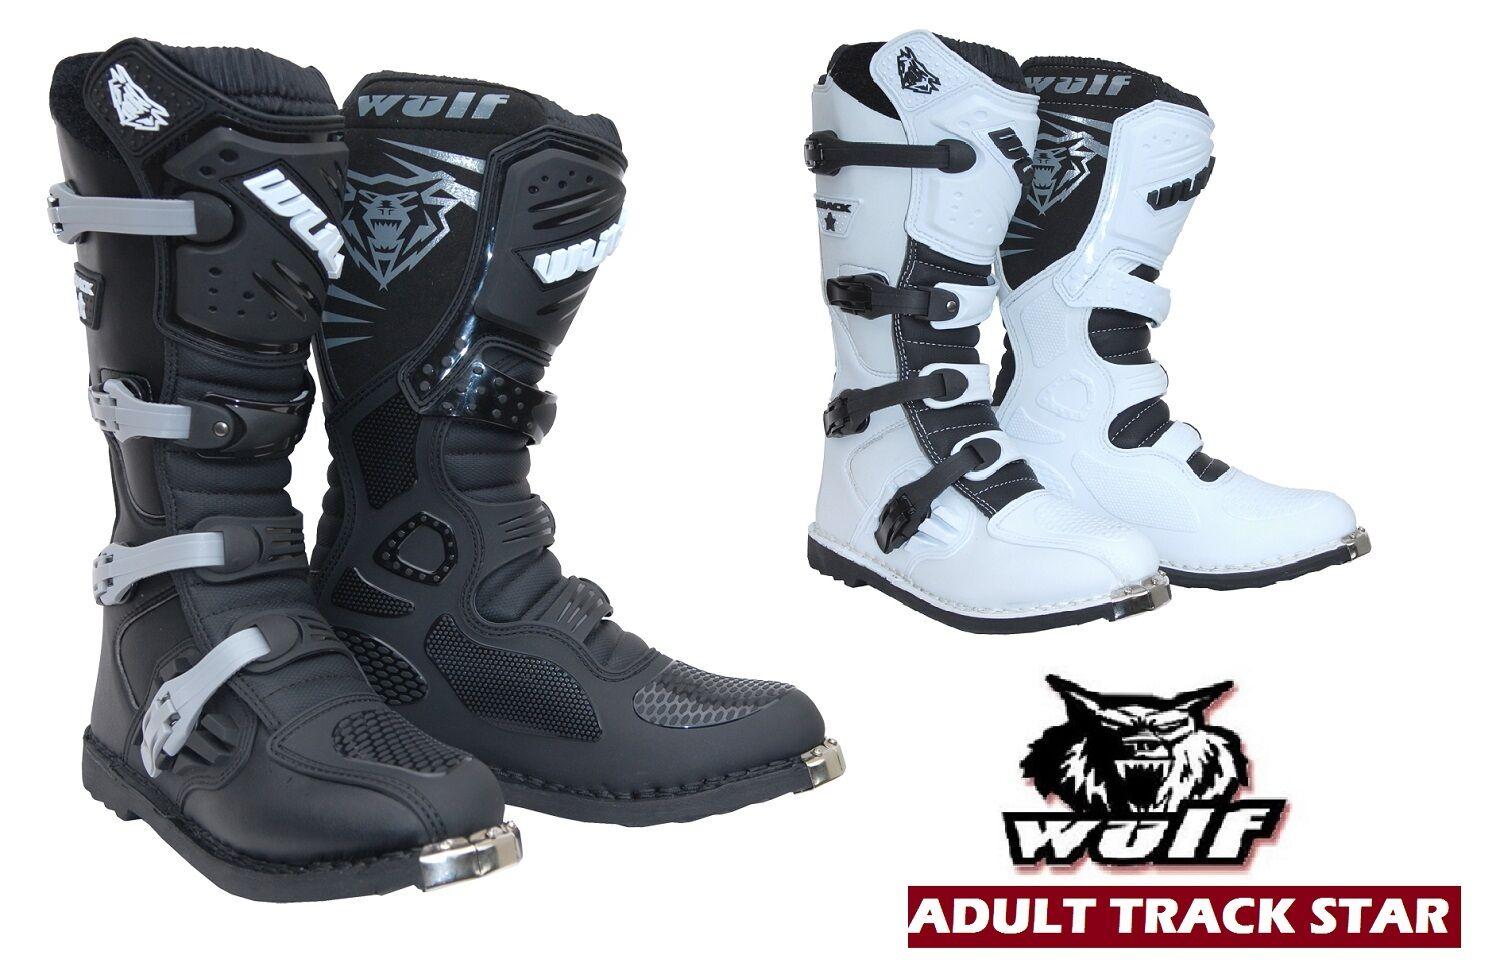 WULF TRACKSTAR botas de moto carreras Enduro Quad botas de motocross ATV scooter